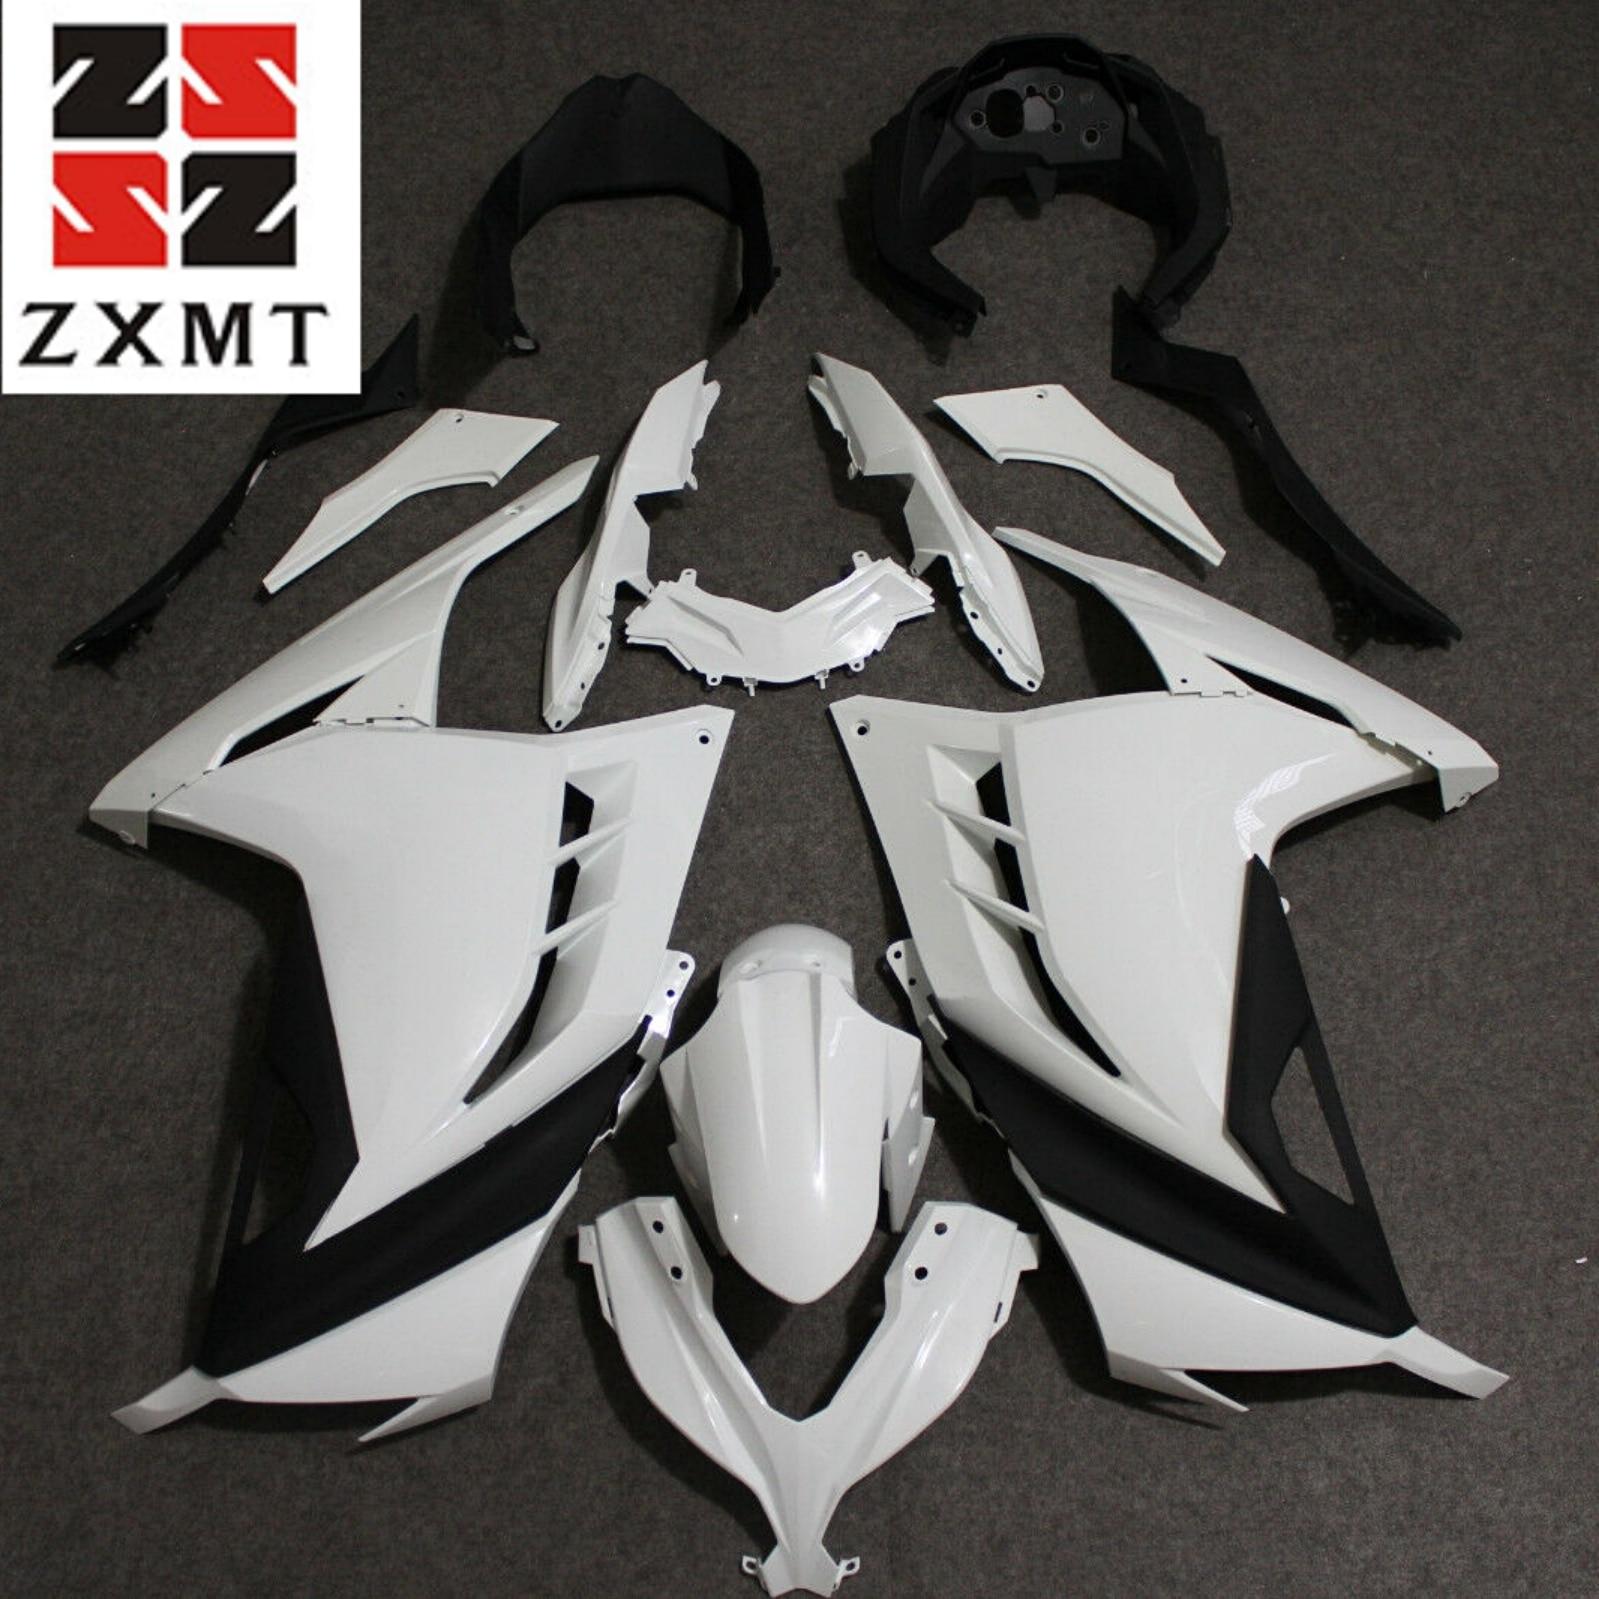 ZXMT Motorcycle Full Fairing Set Kit For Ninja 300 2013 2015 2017 EX300  Unpainted White Injection Bodywork Panel Plastics 13